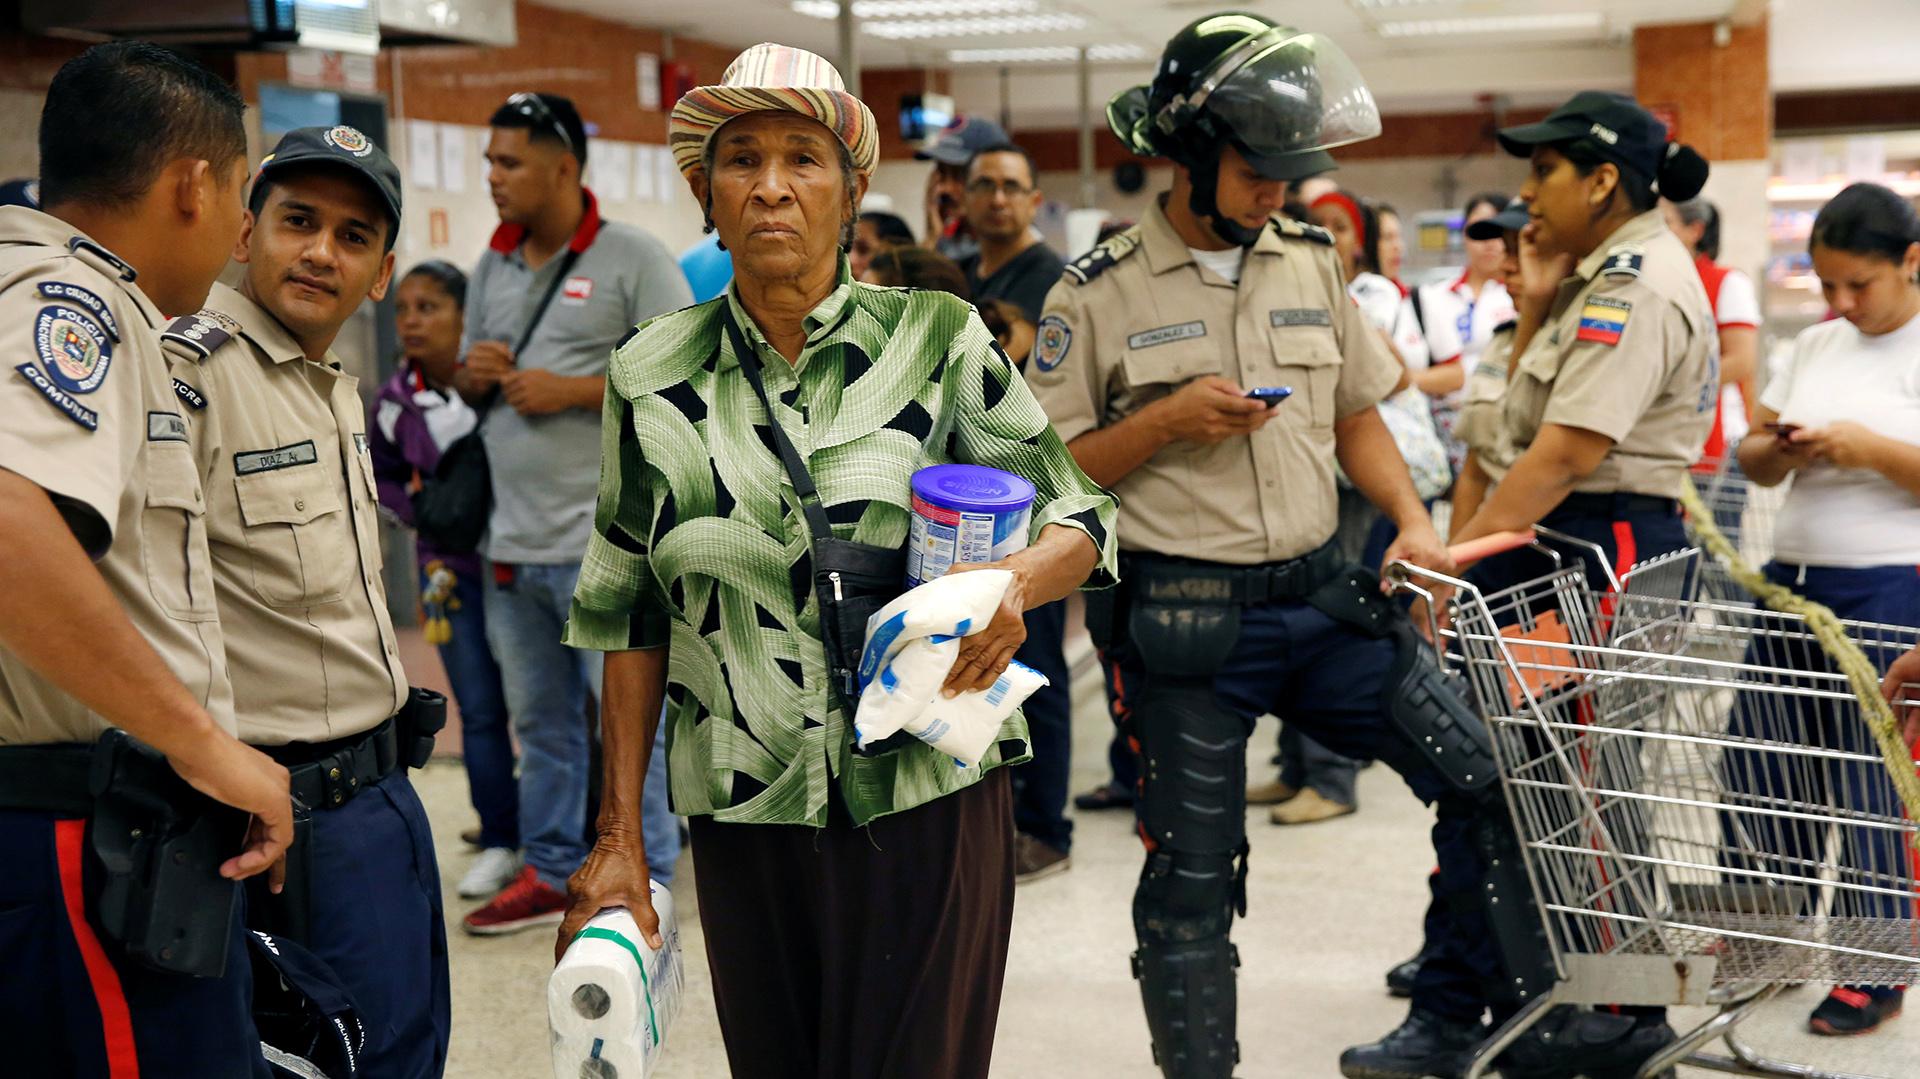 Si bien el régimen de Nicolás Maduro insiste en negar la realidad, el país está sumido en una profunda crisis de desabastecimiento (Reuters)